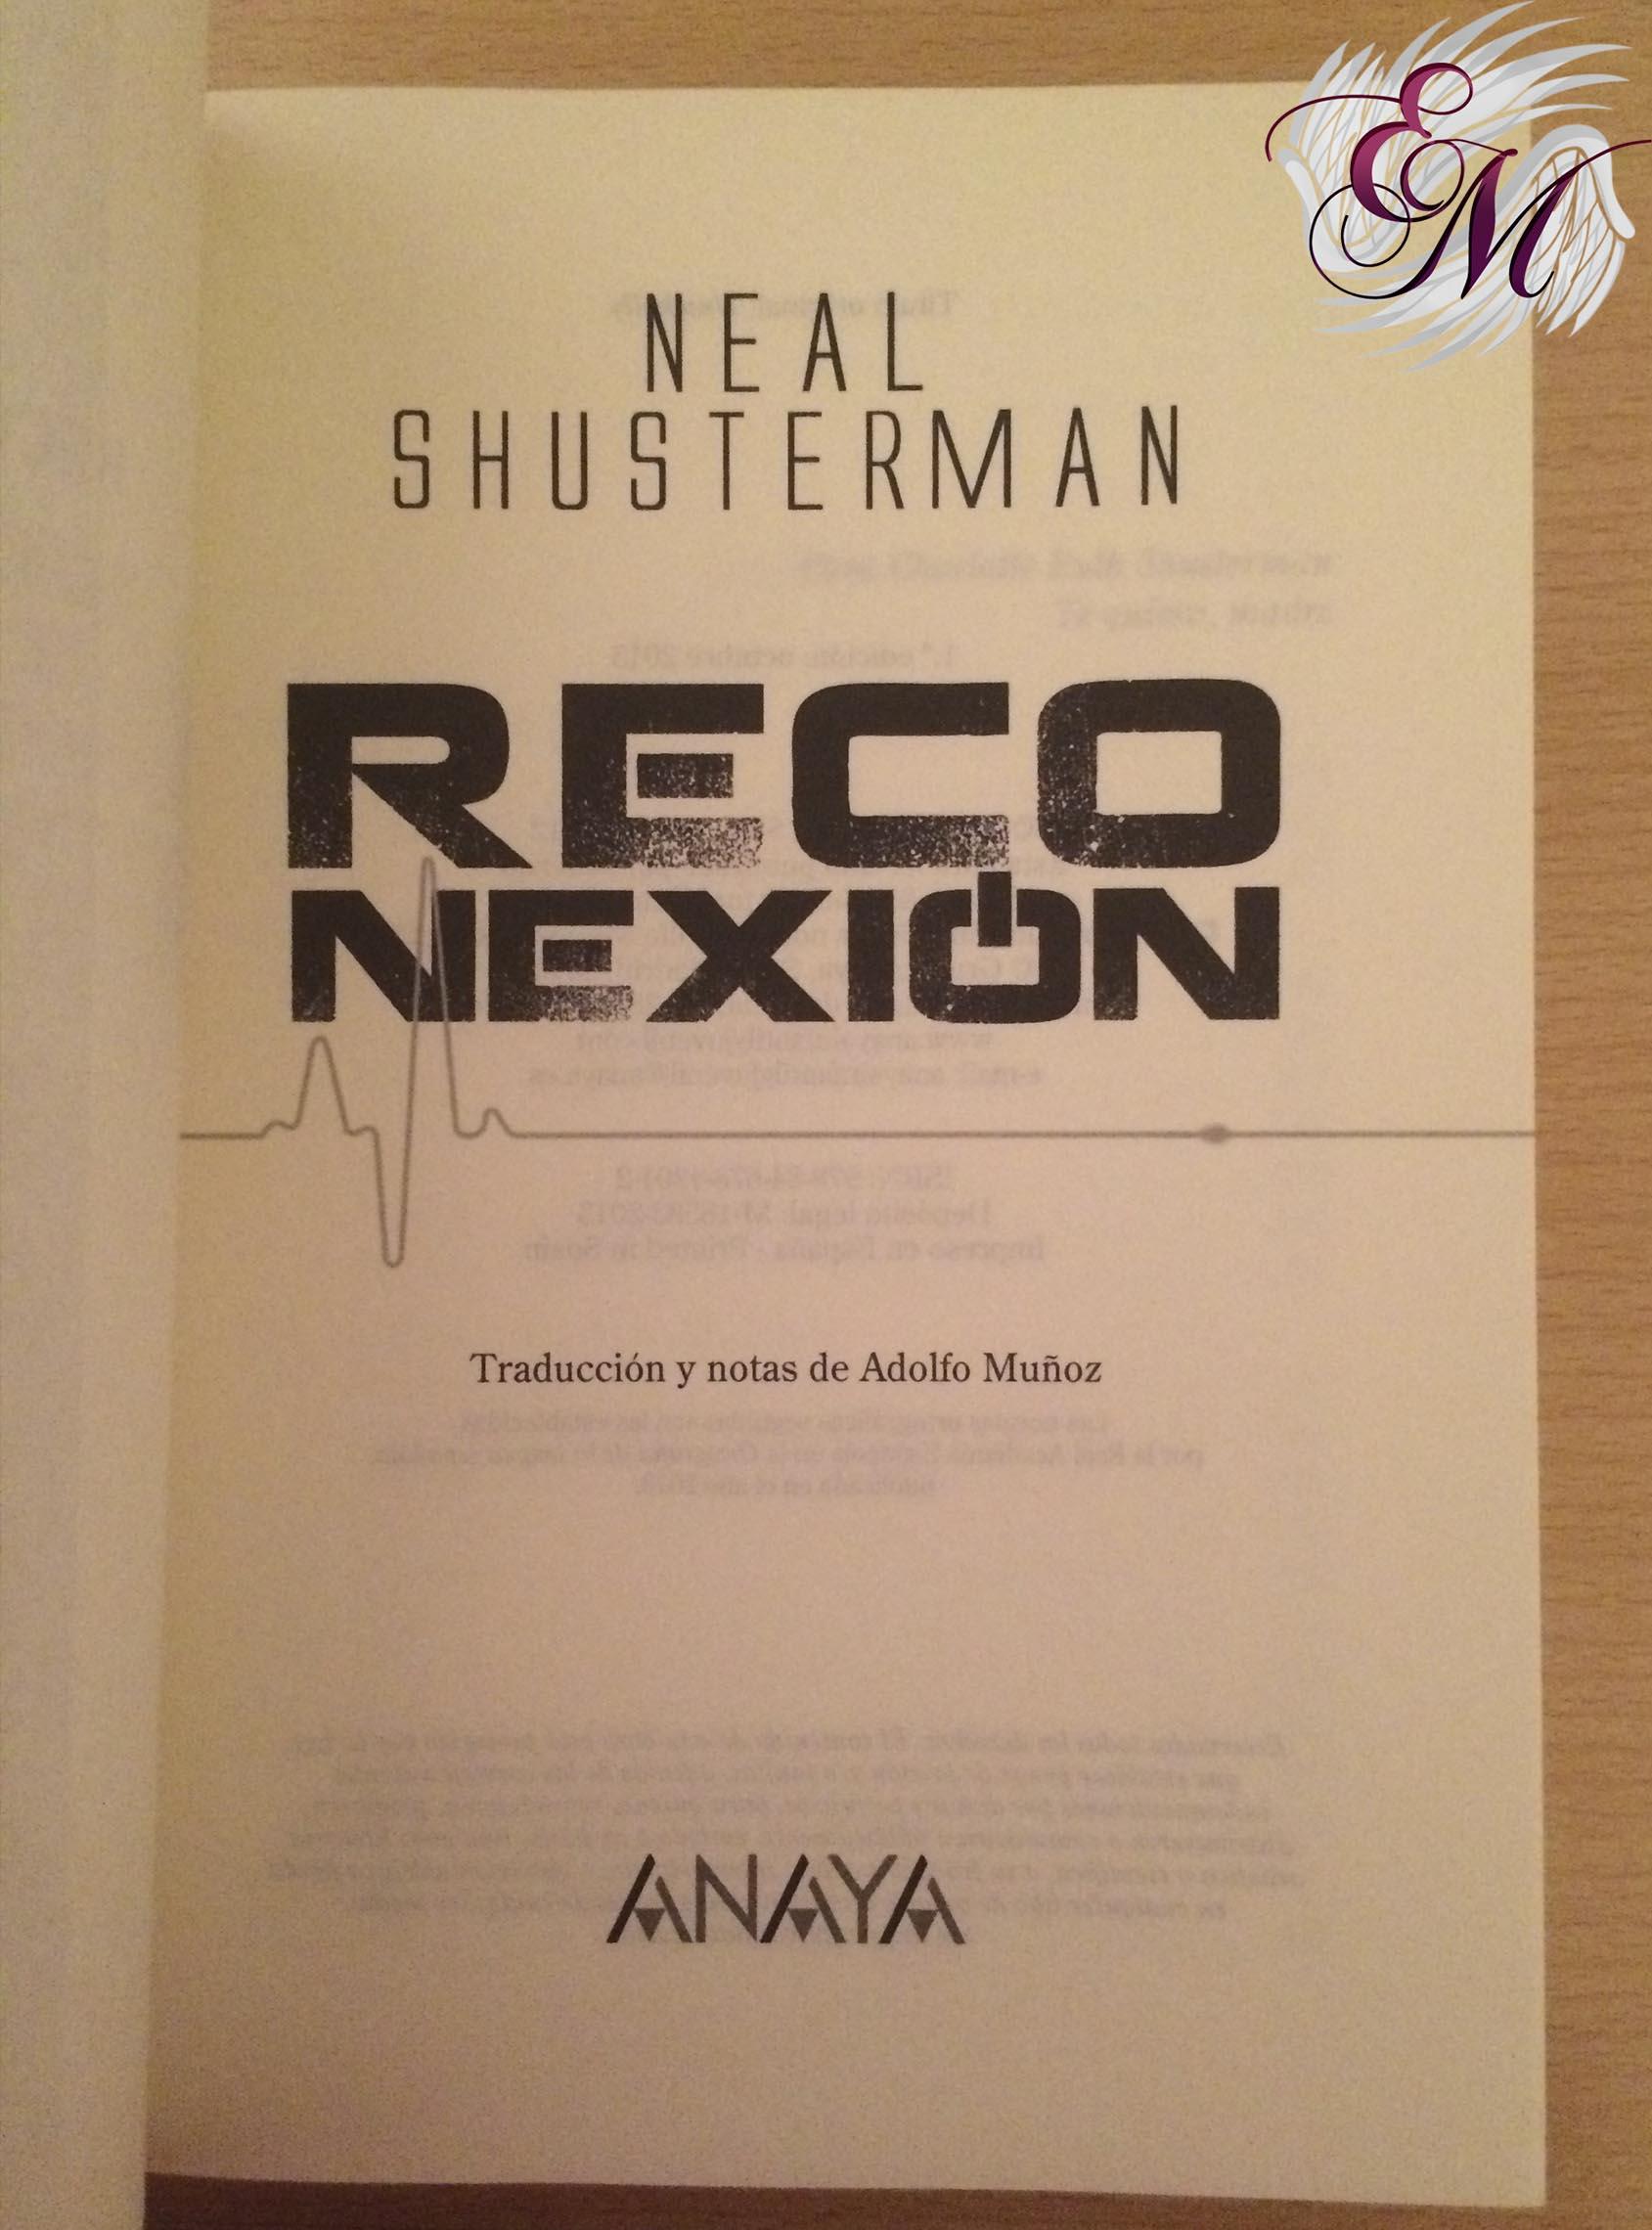 Reconexión, de Neal Shusterman - Reseña